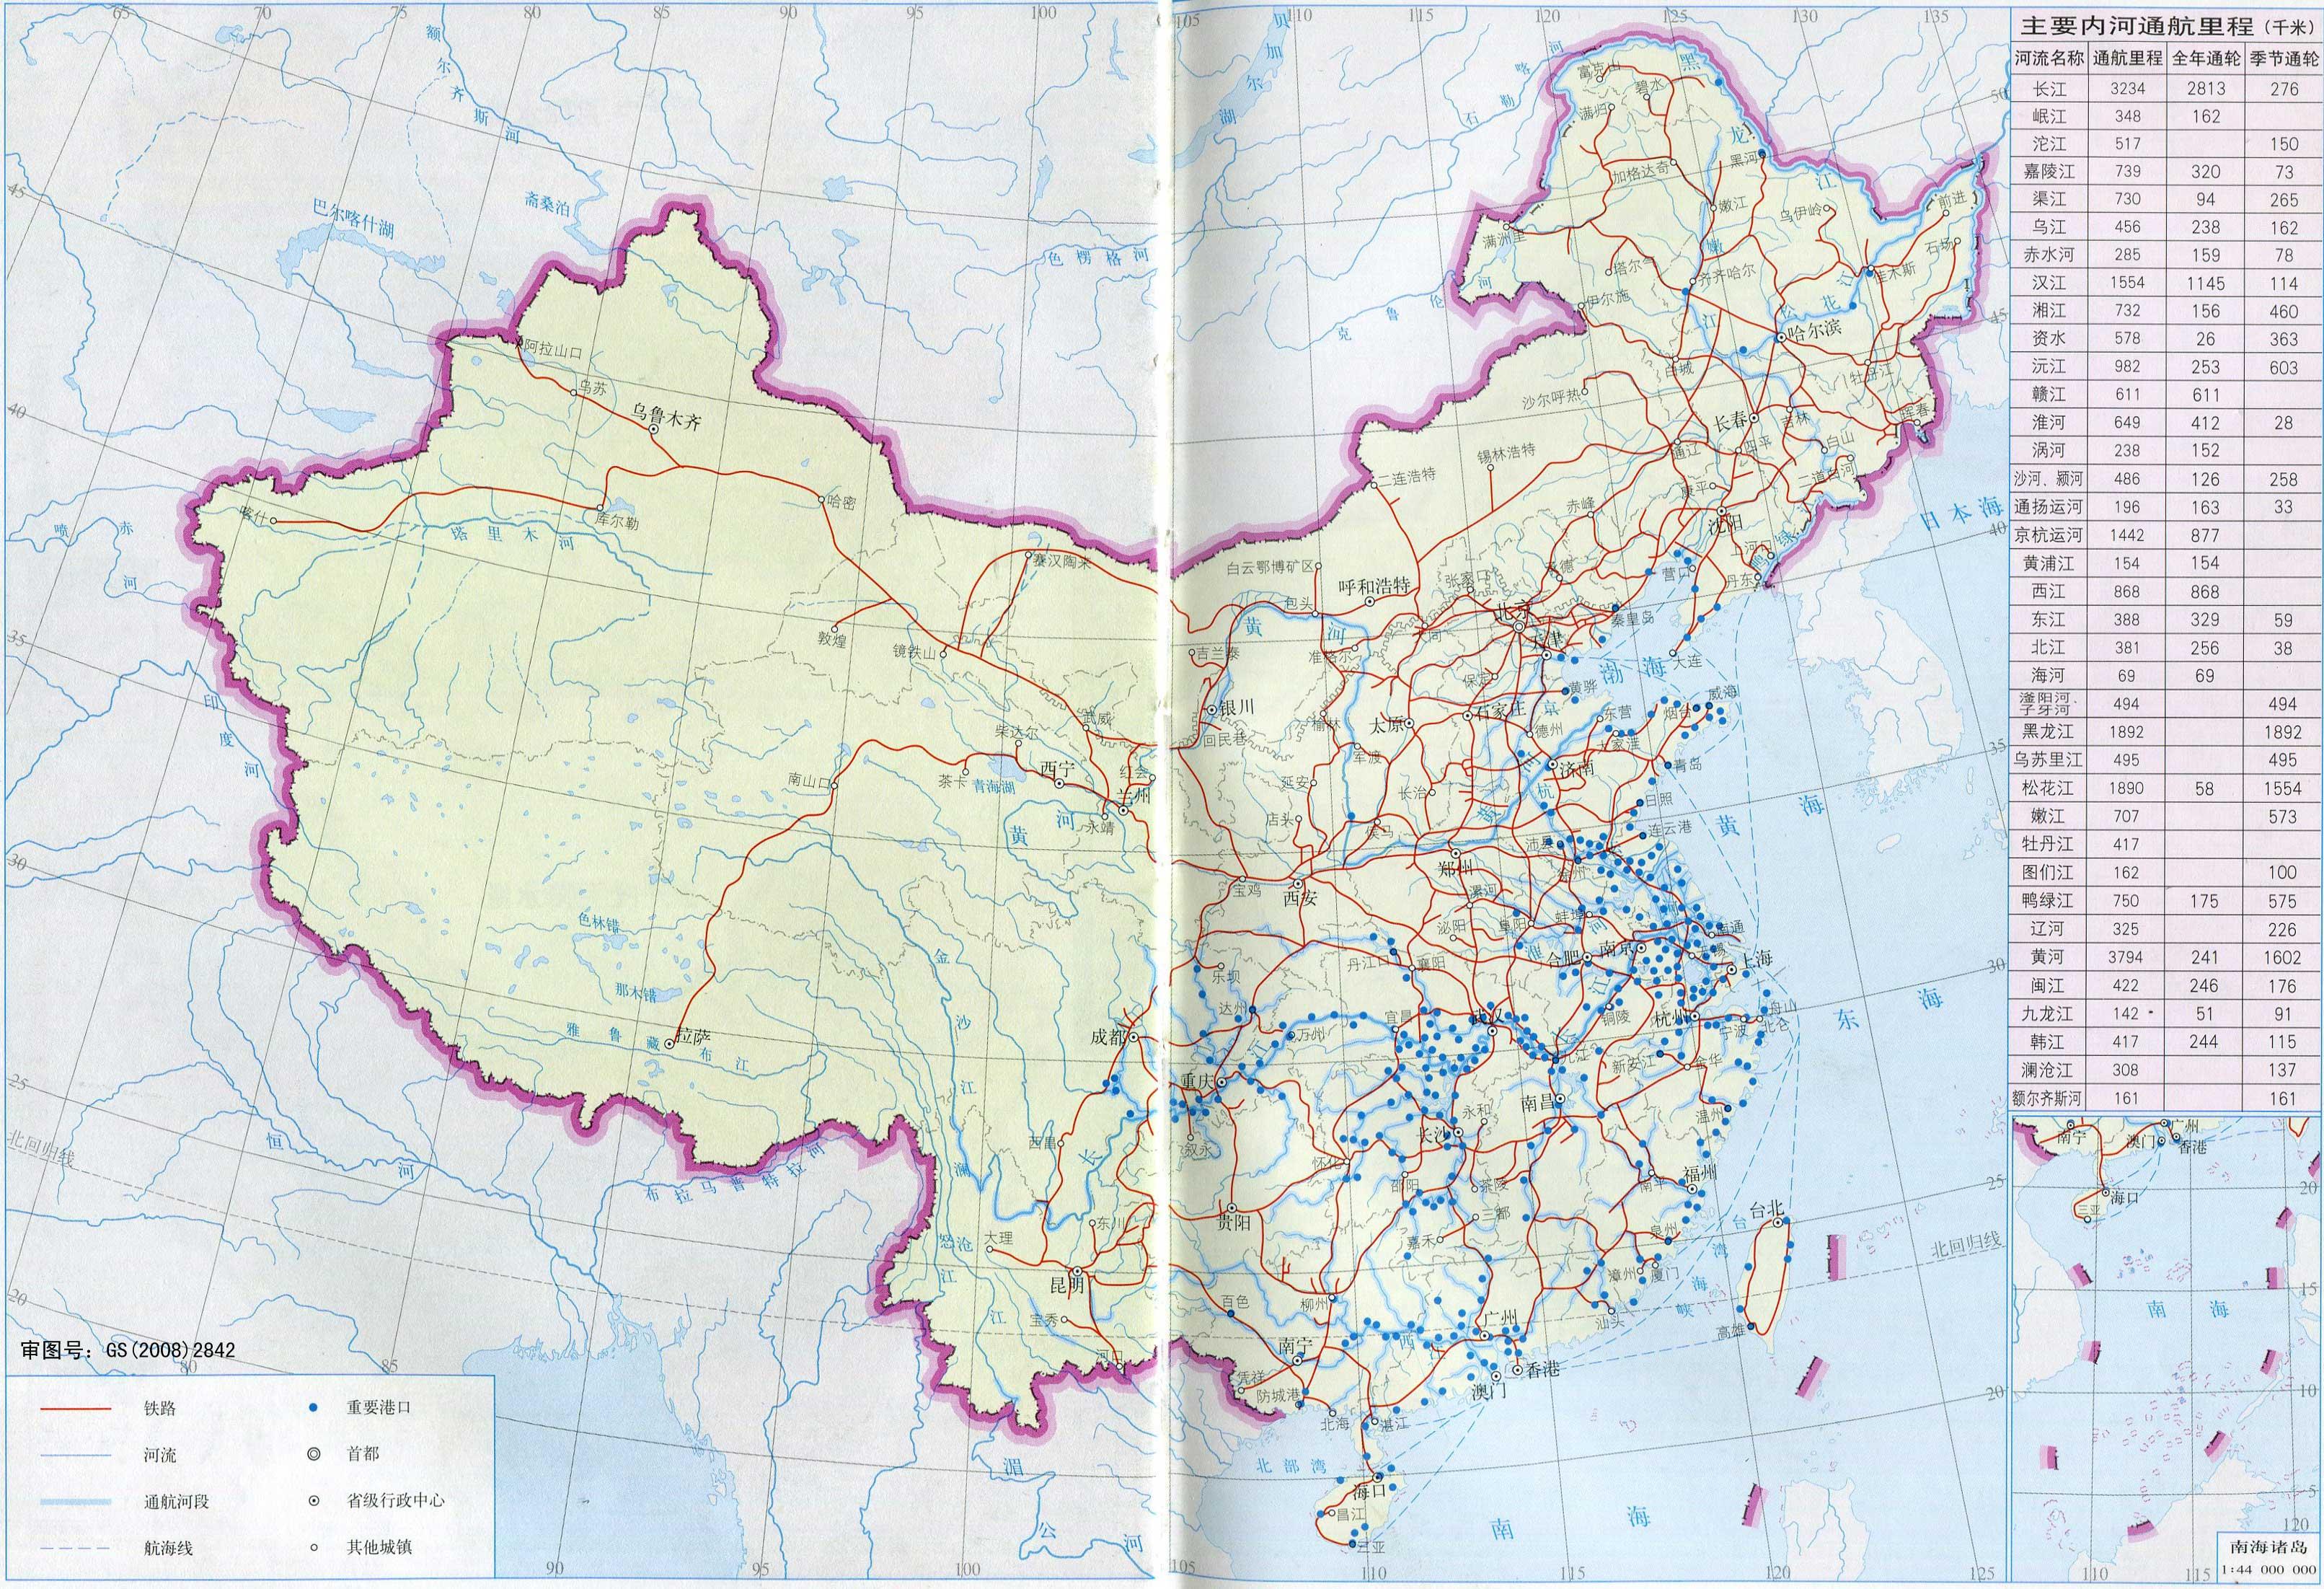 成都地图全图高清版_中国地图全图高清版_地图窝